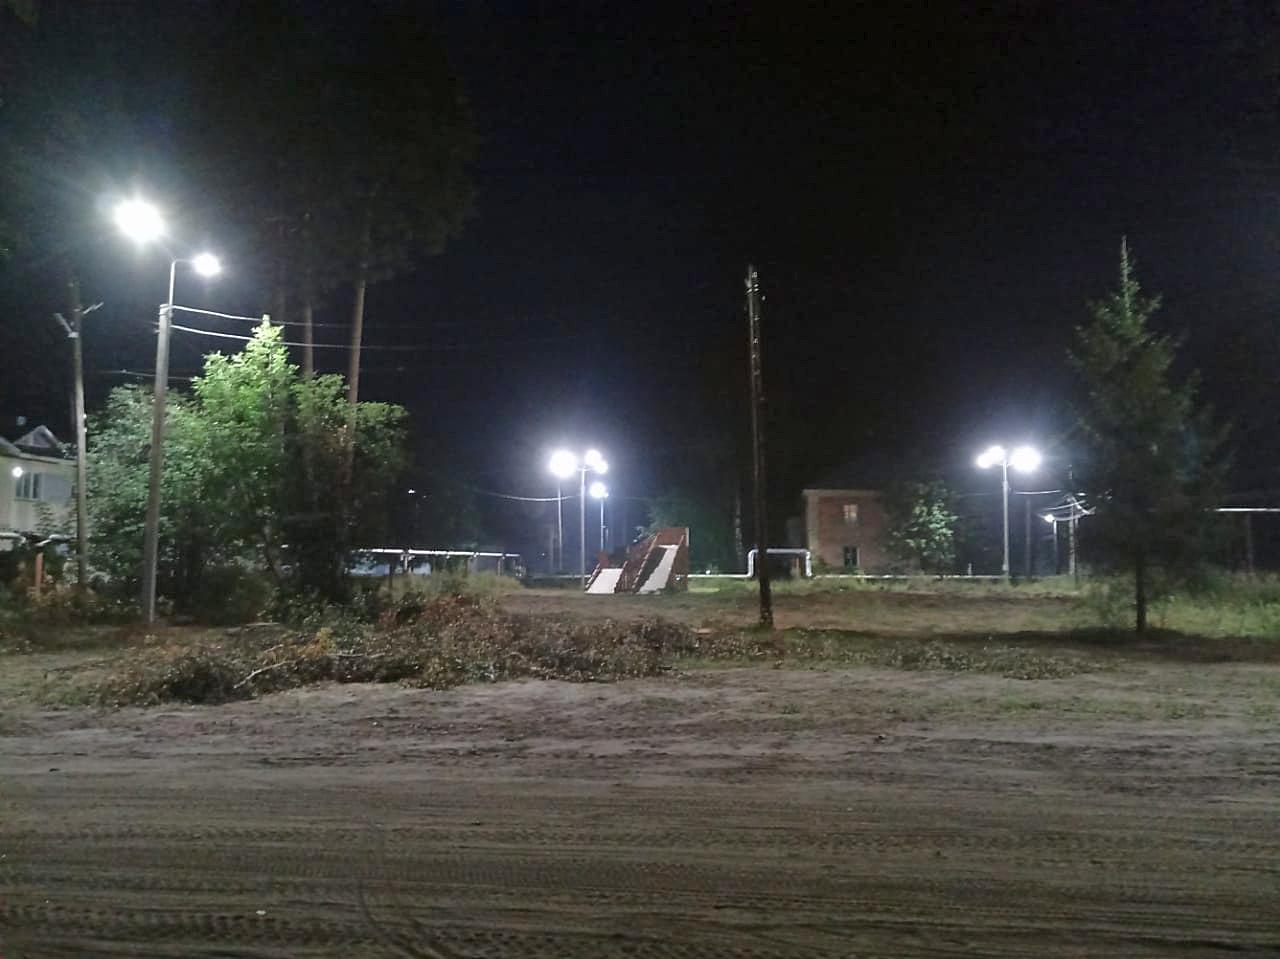 В Каринторфе над будущей праздничной площадью засветили вечерние фонари